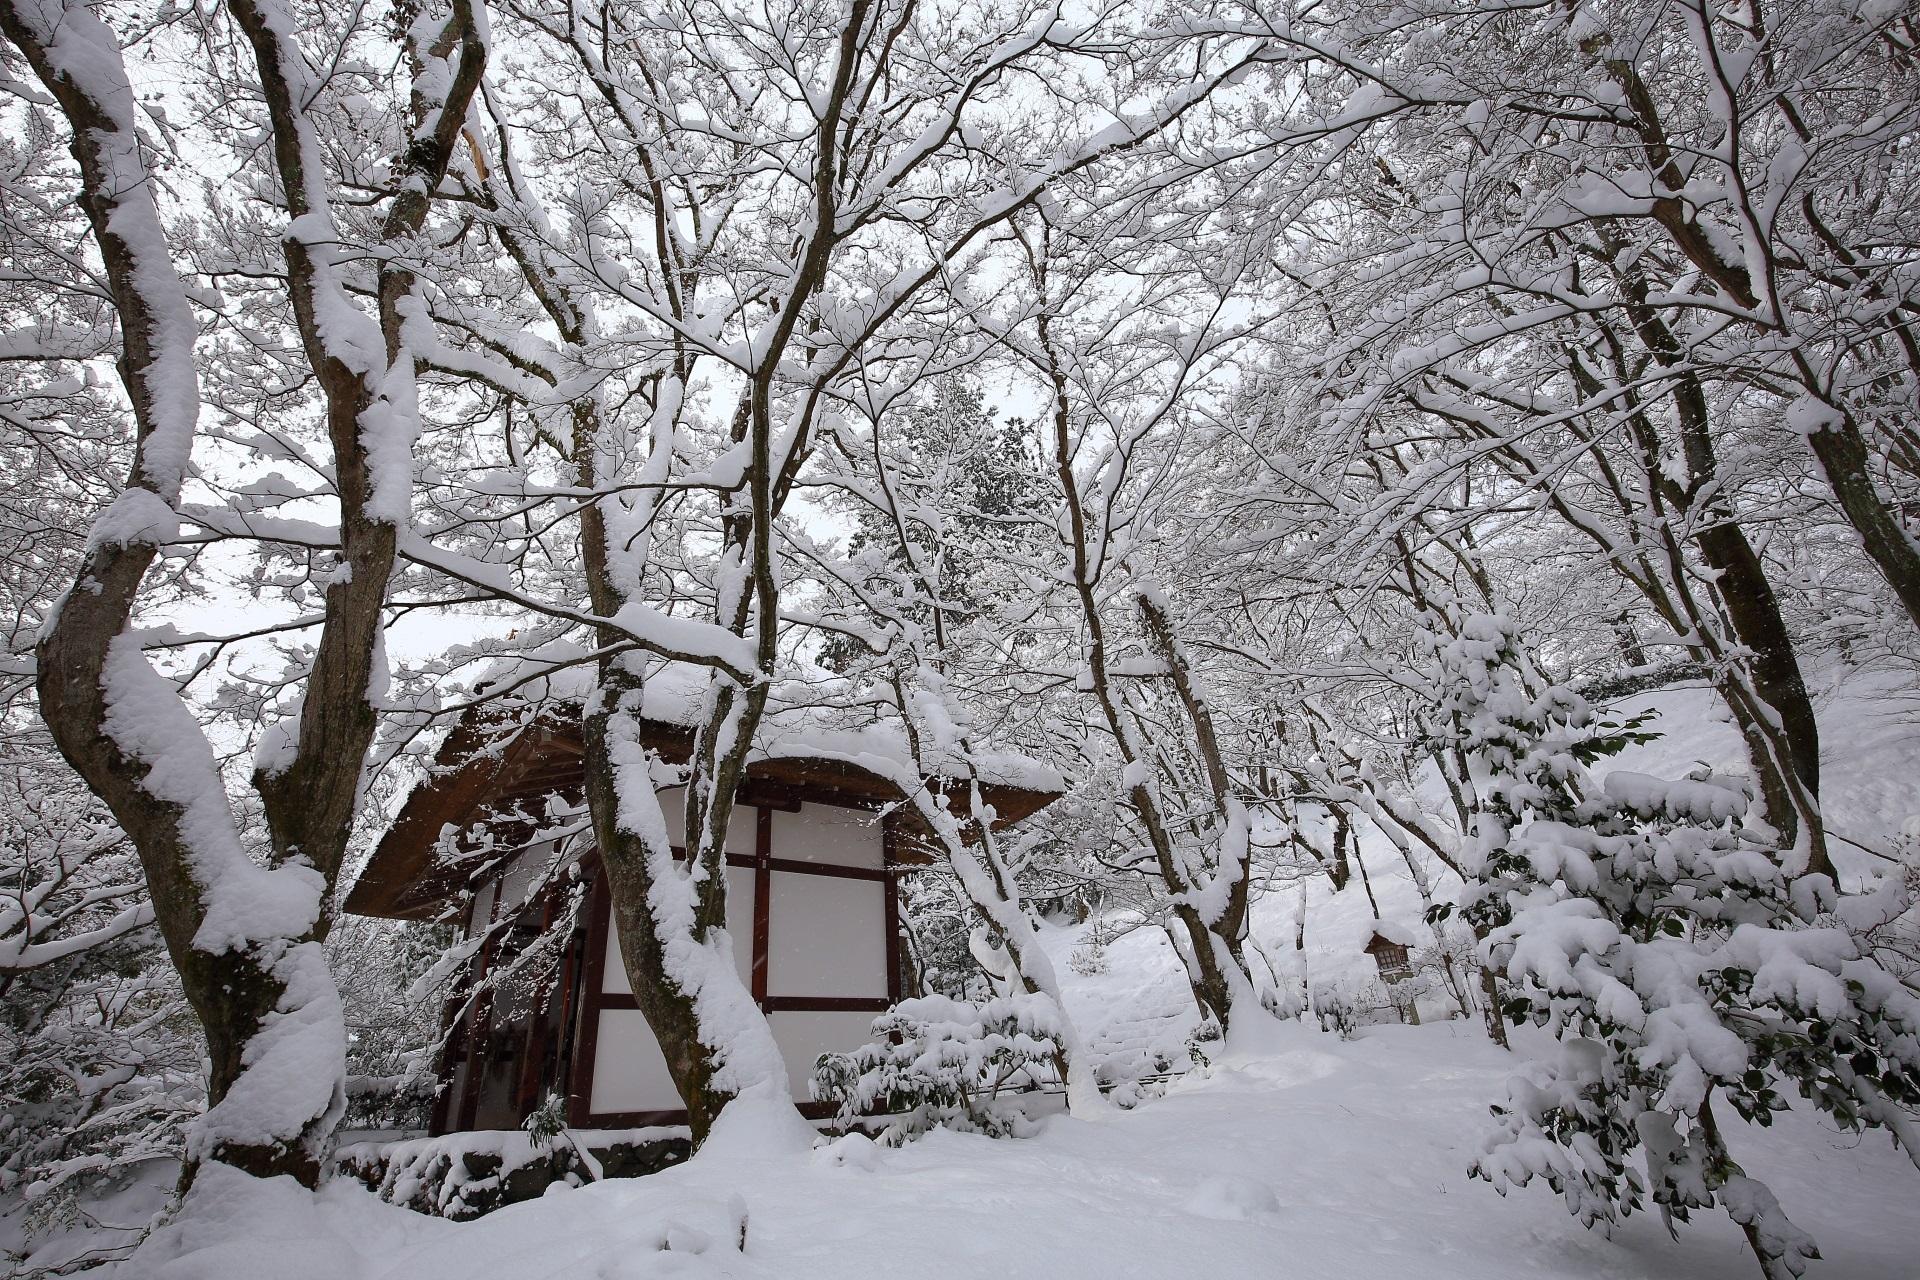 常寂光寺の雪の芸術